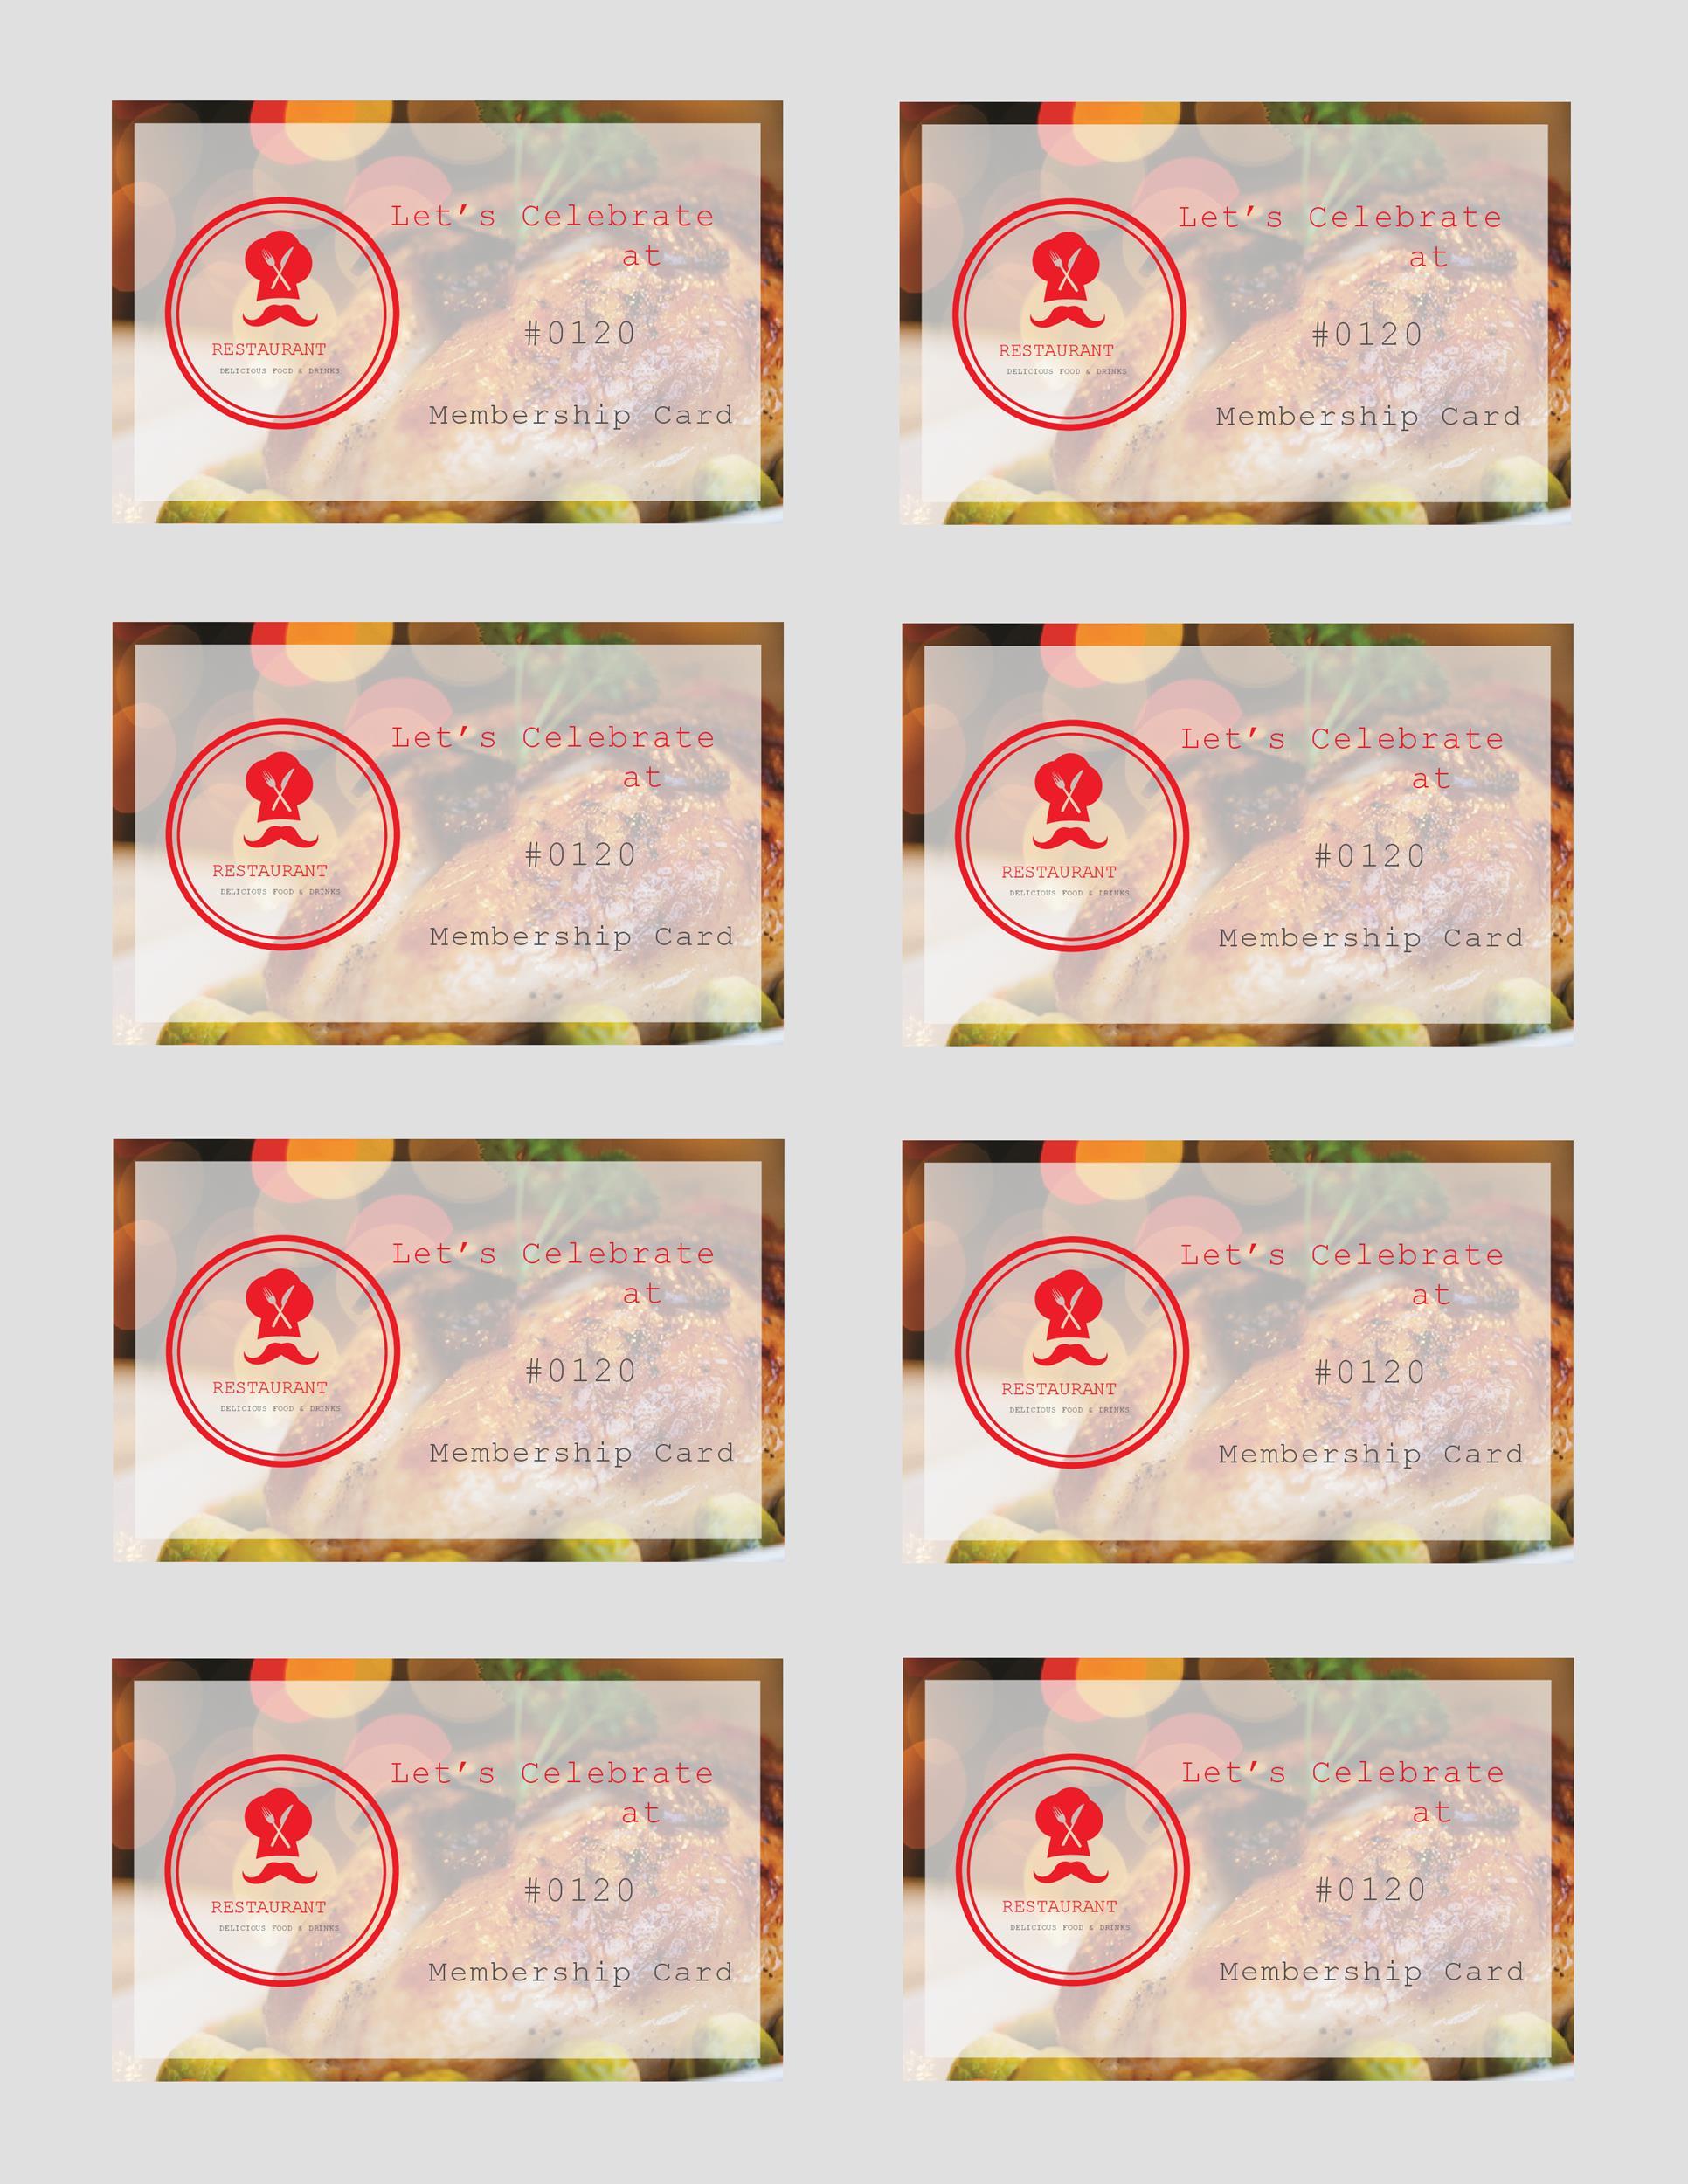 Free Membership Card Design Template 31